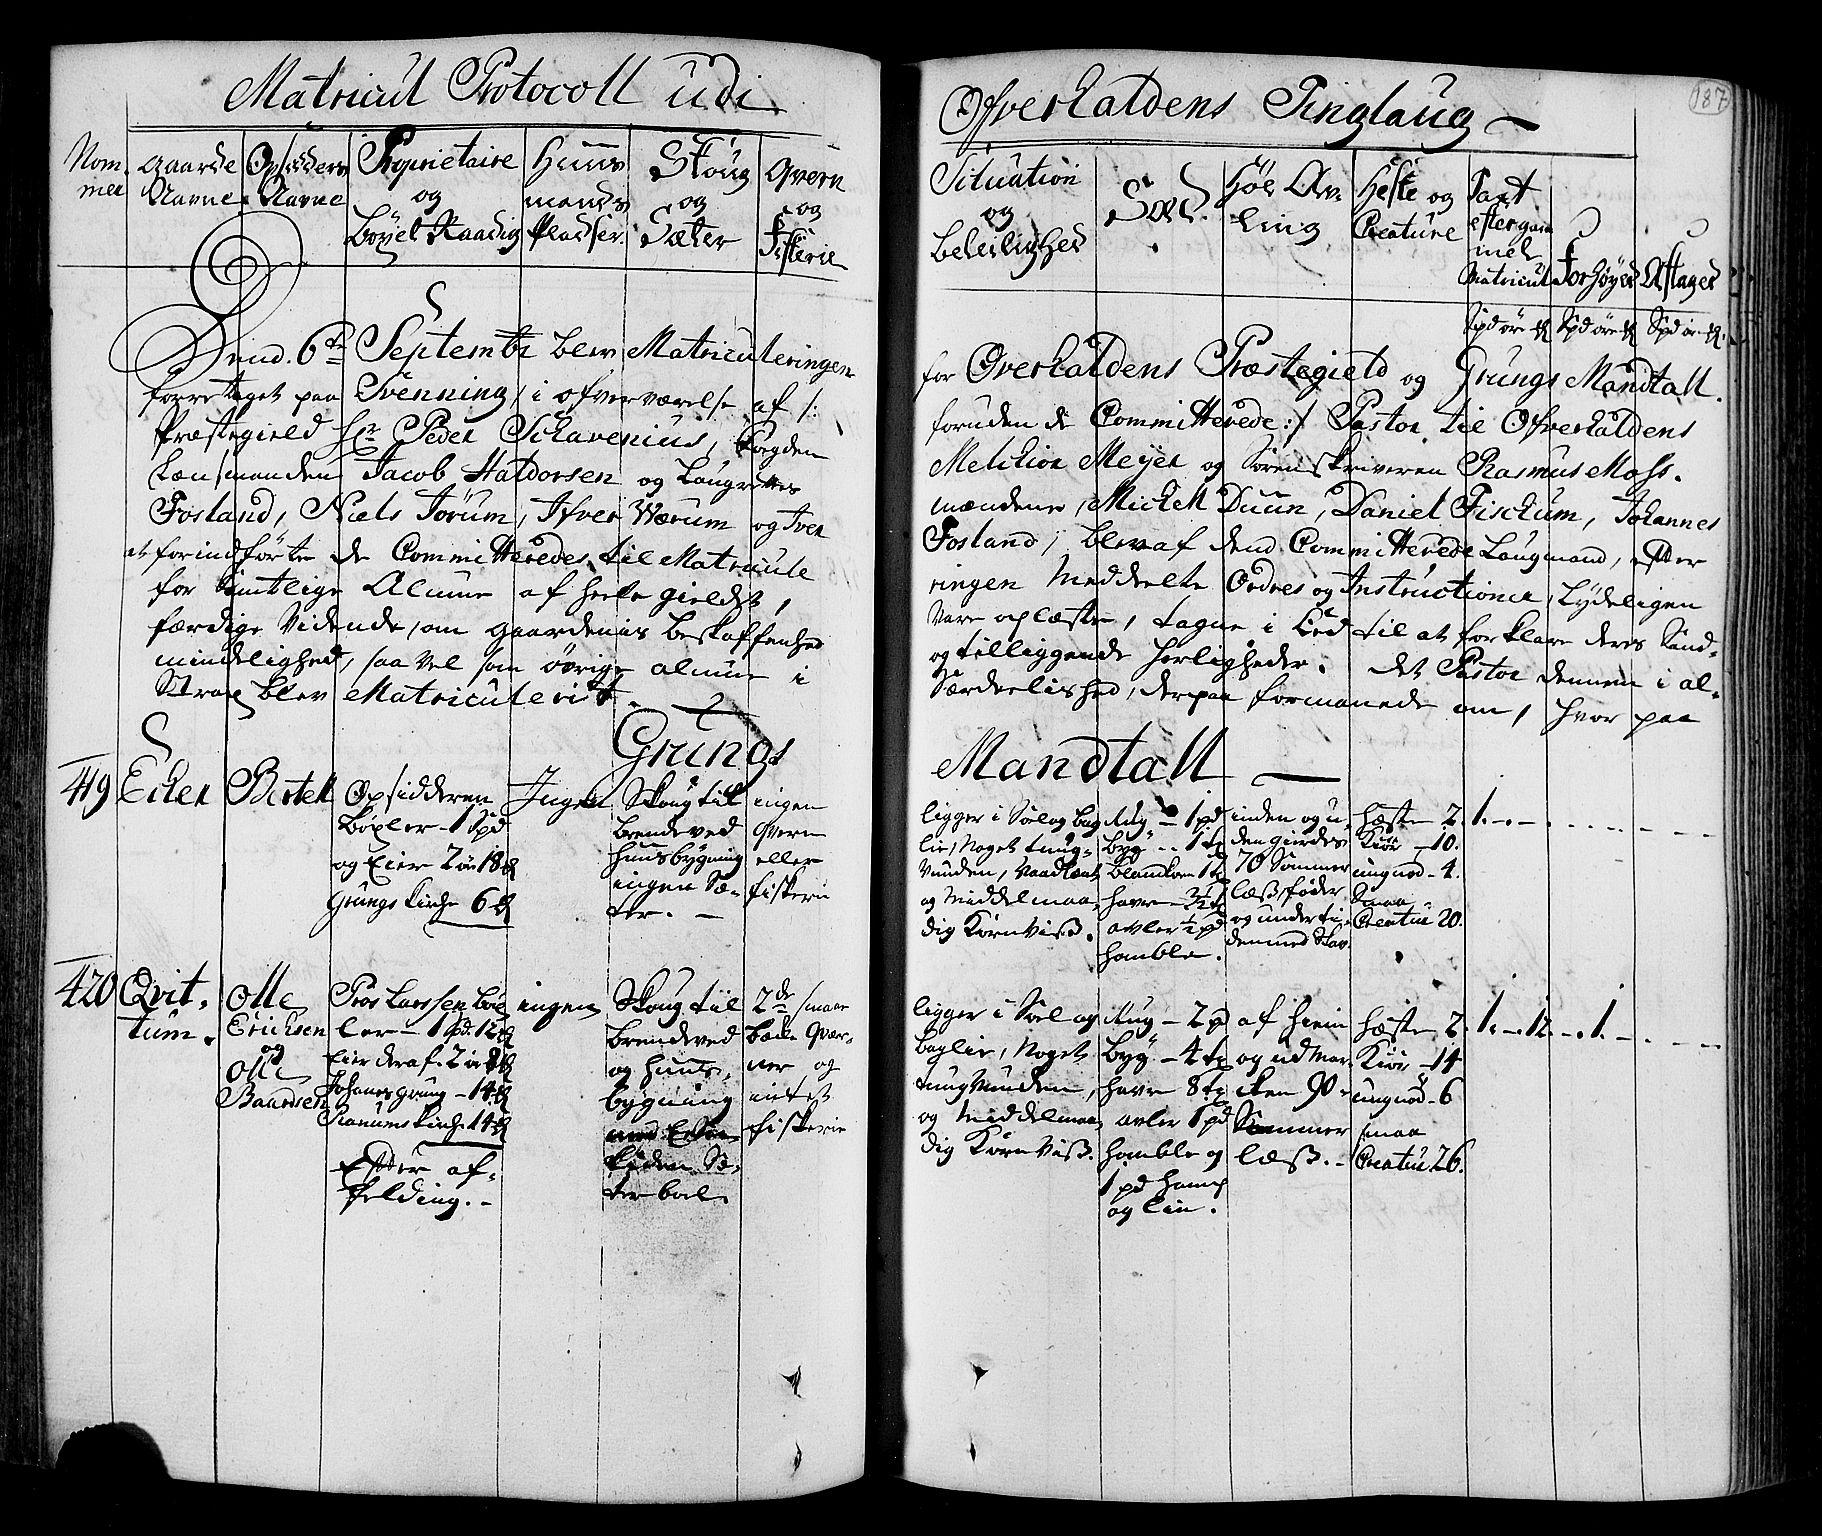 RA, Rentekammeret inntil 1814, Realistisk ordnet avdeling, N/Nb/Nbf/L0168: Namdalen eksaminasjonsprotokoll, 1723, s. 186b-187a